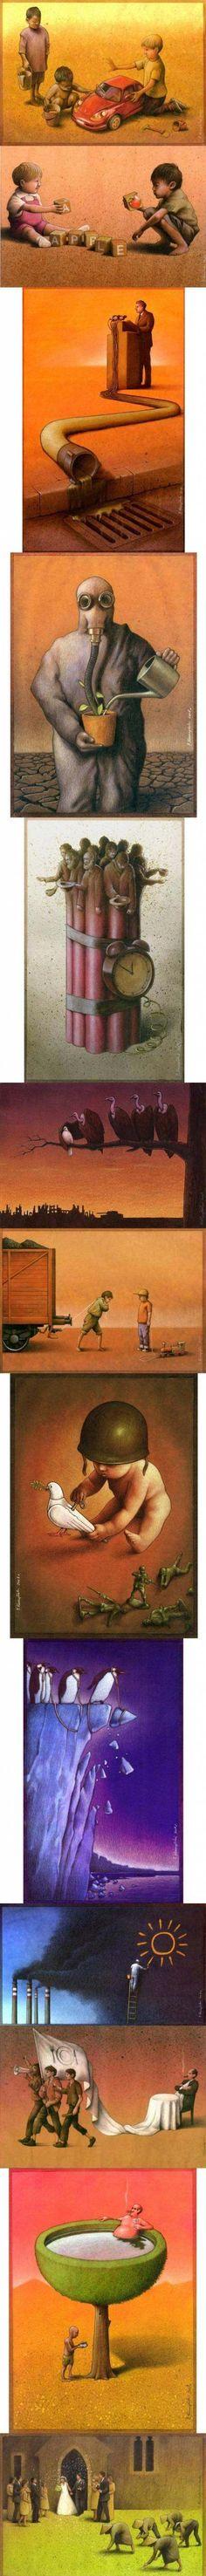 460x5756, 299 Kb / szürrealizmus, karikatúra, illusztráció